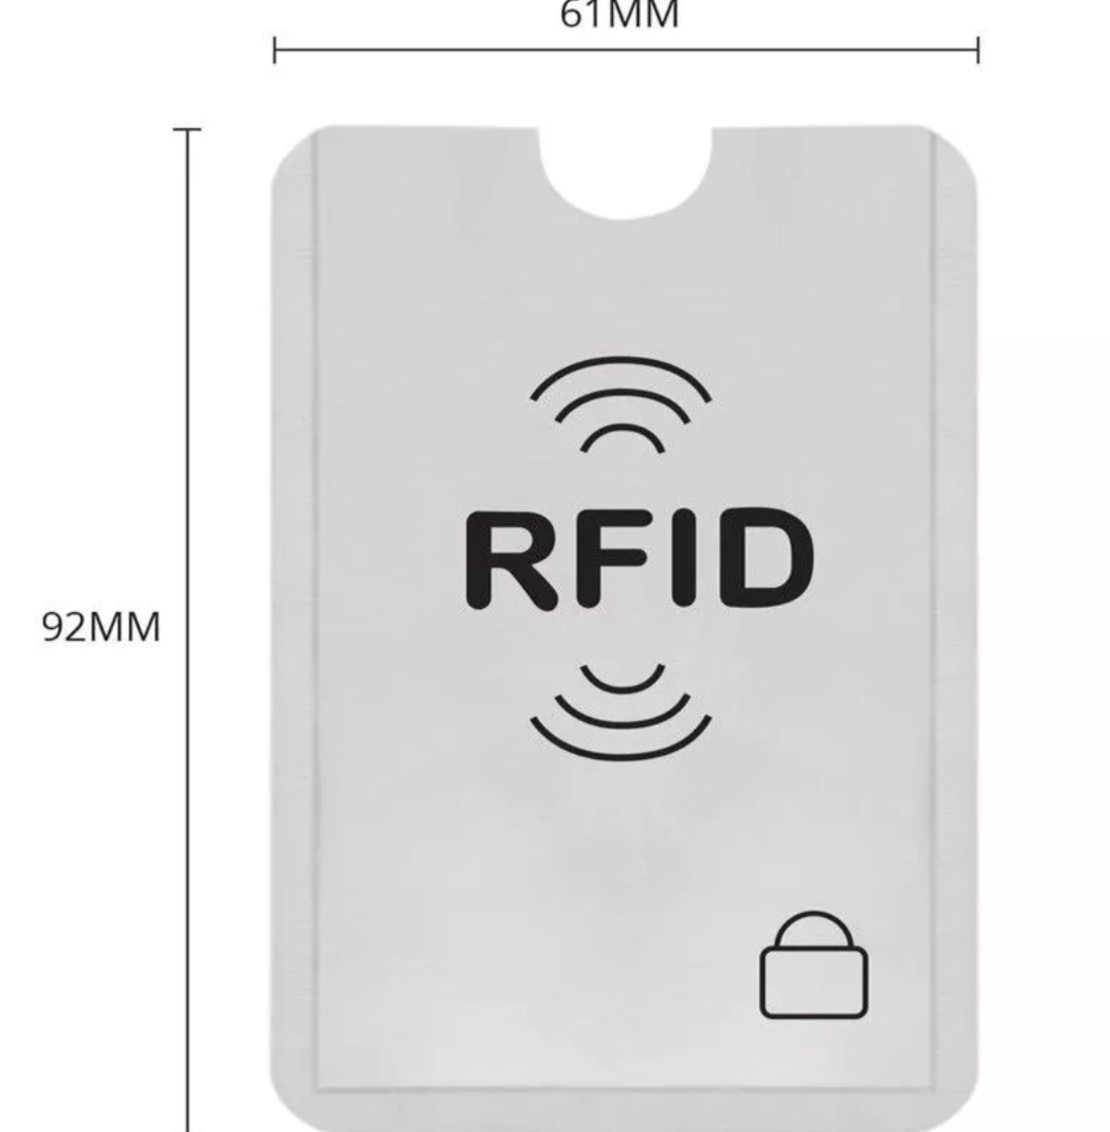 מגן RFID לכרטיסי אשראי - חוסם אות תשלום אלחוטי (משלוח חינם*)